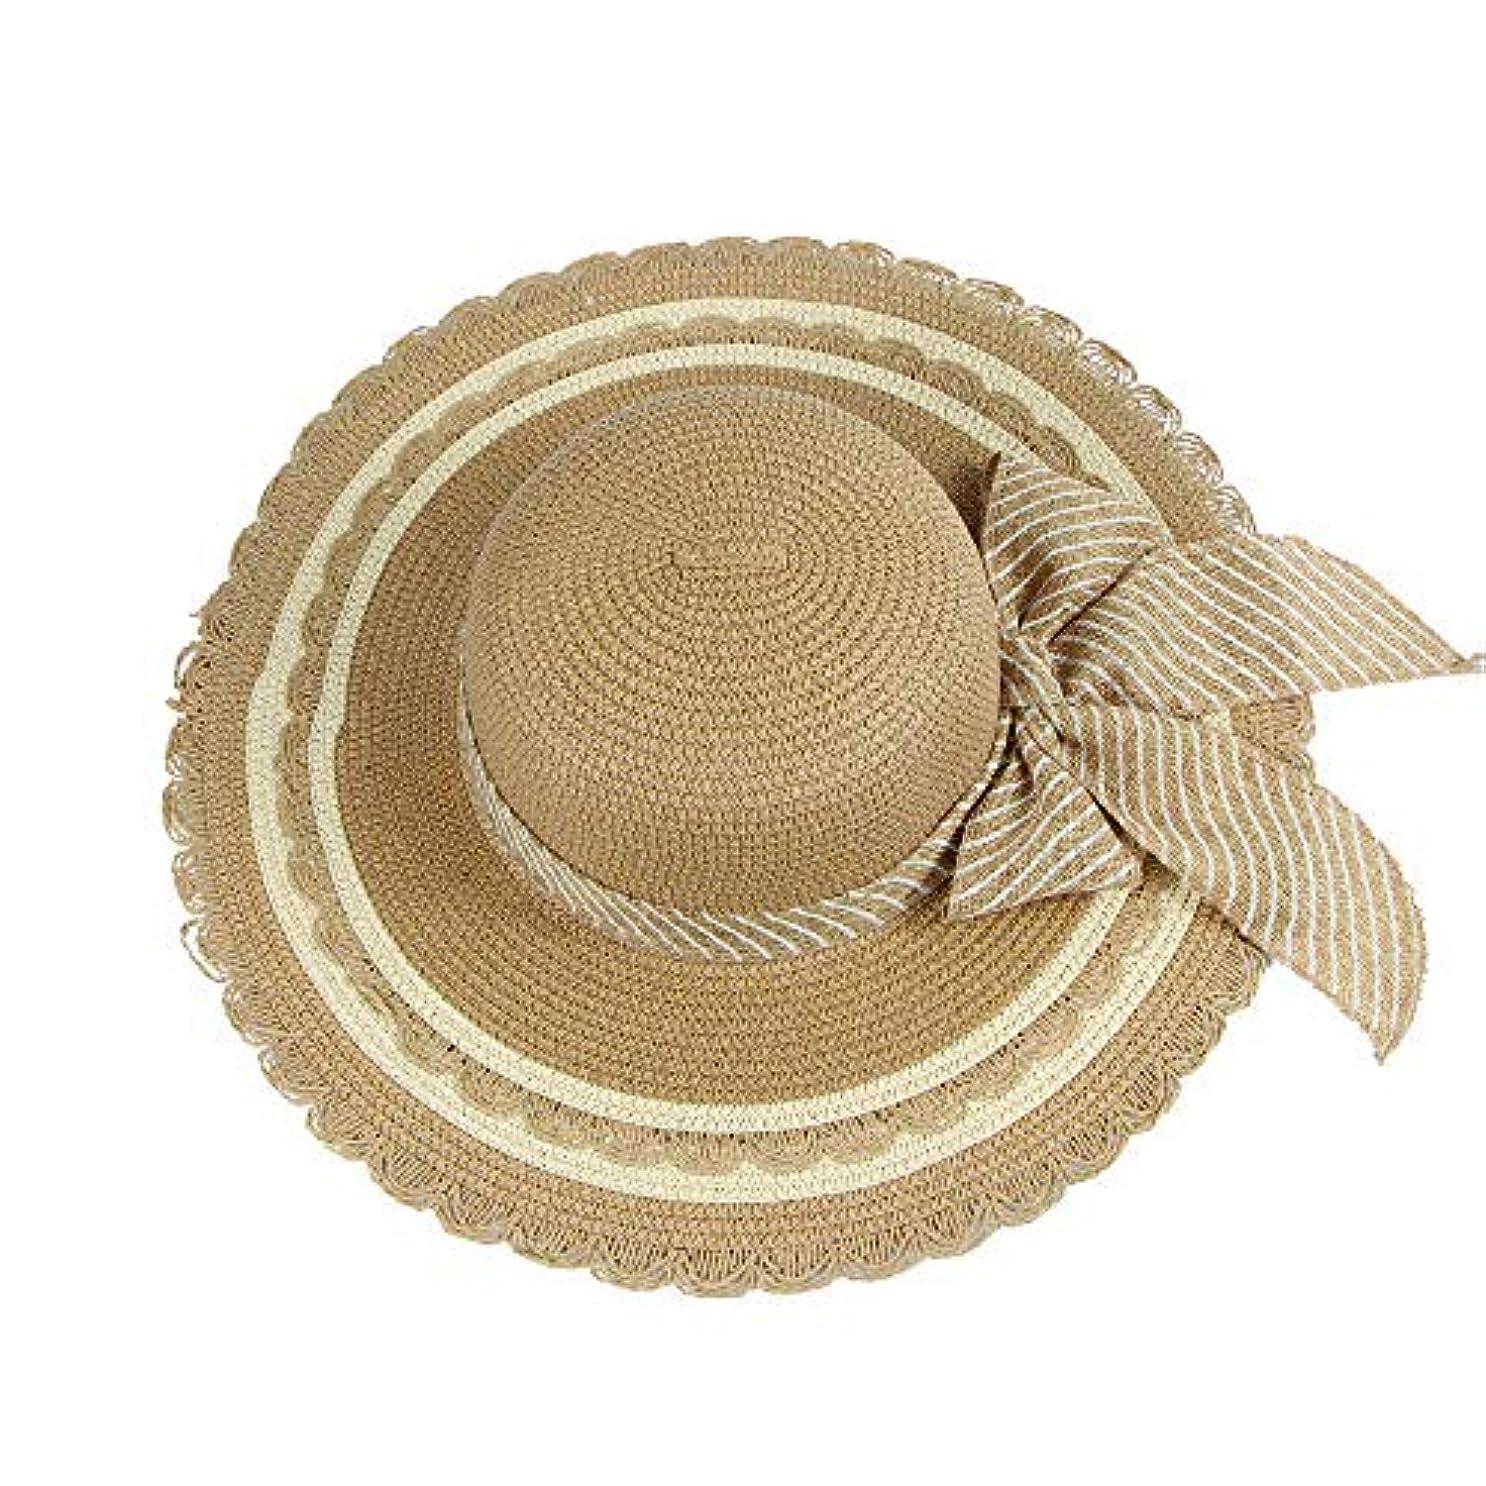 無意味ダイヤモンドシュリンク帽子 レディース UVカット 帽子 麦わら帽子 UV帽子 紫外線対策 折りたたみ つば広 ワイヤ入り uvカット帽子 春夏 レディース 通気性 ニット帽 マニュアル キャップ レディース 大きいサイズ ROSE ROMAN